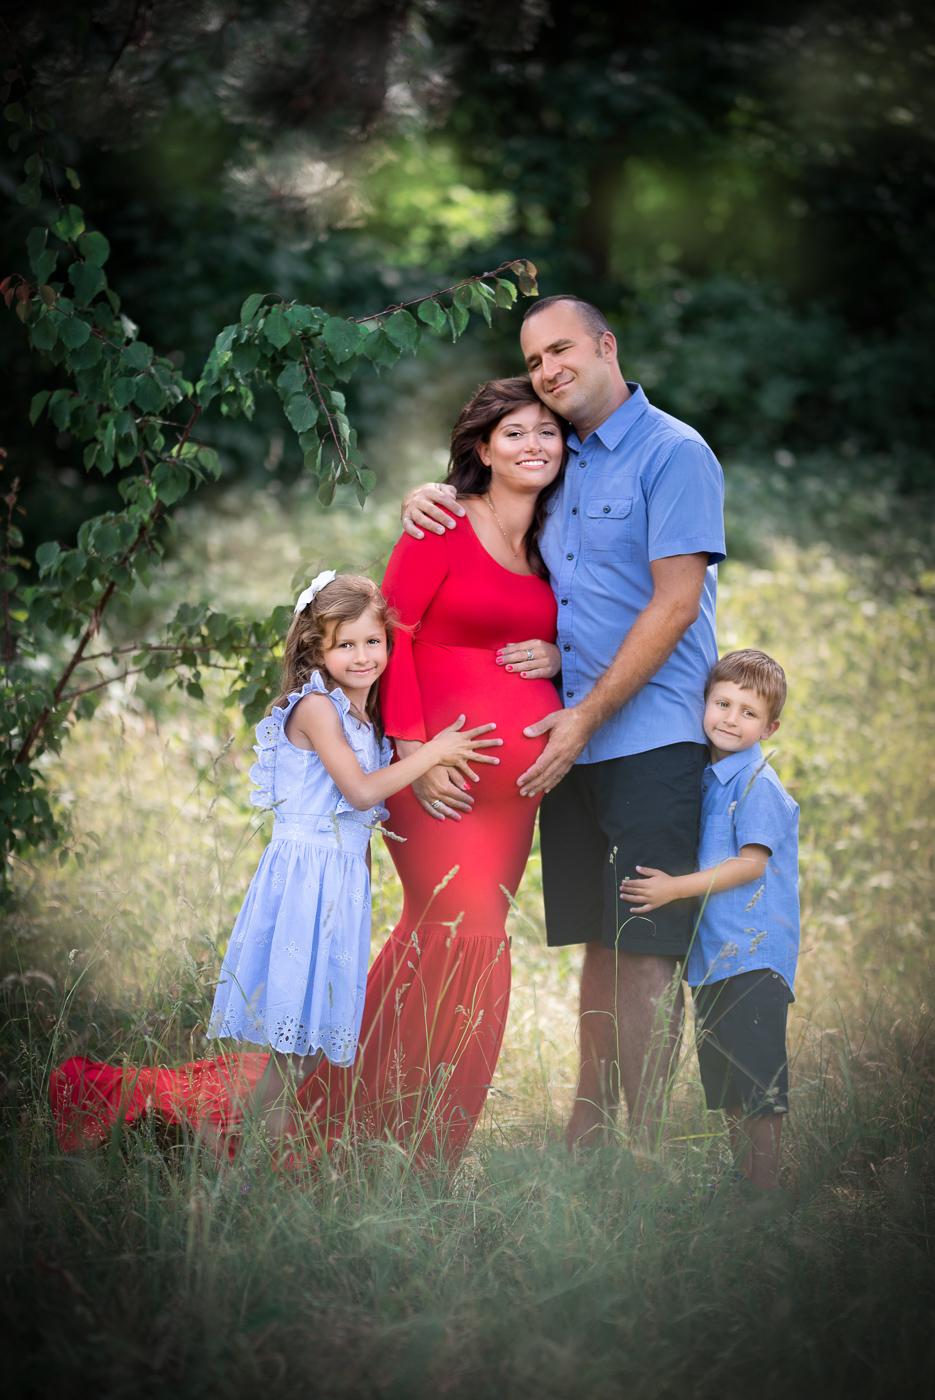 szczęśliwa rodzinka na sesji zdjeciowej w kolorach zieleni i błękitu w środku lasu